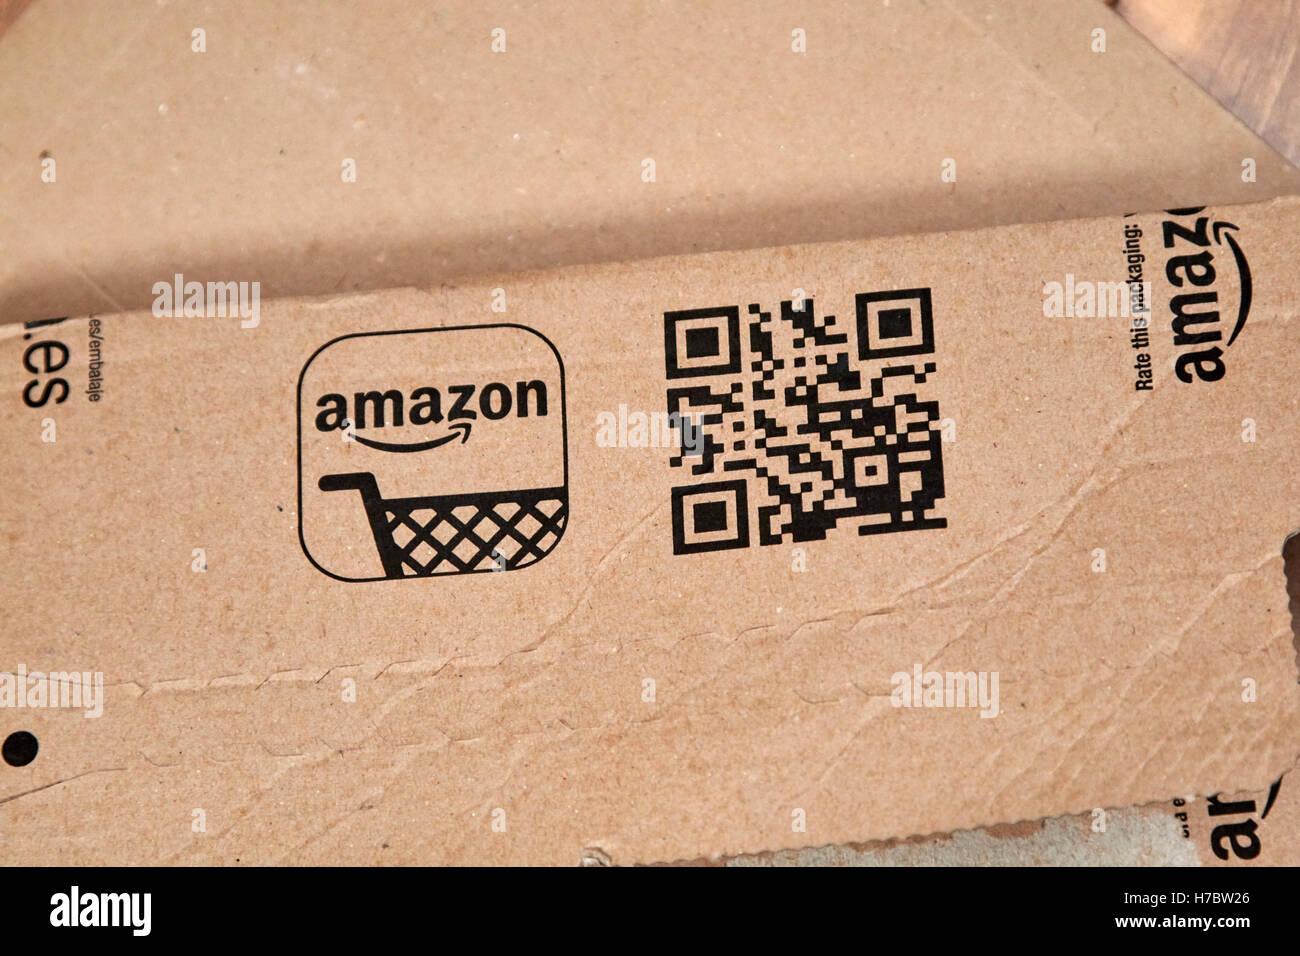 Amazon carton mailer avec QR code Photo Stock